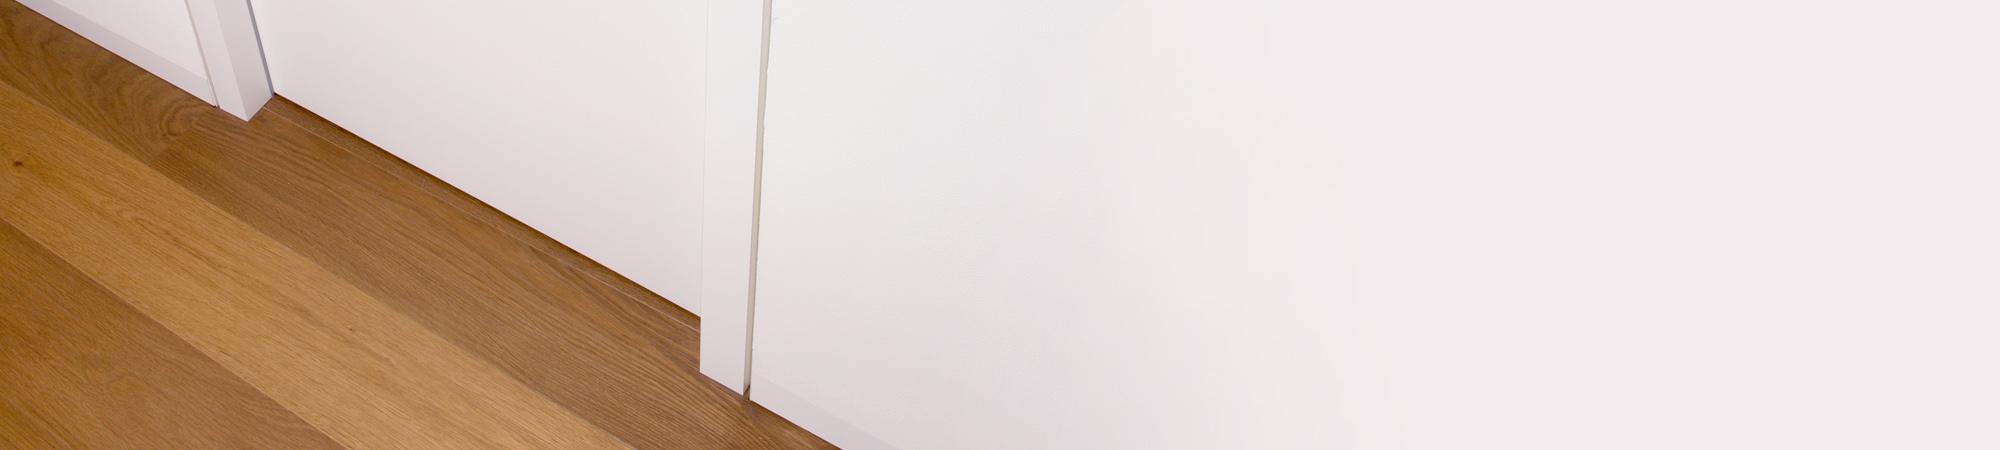 Sockelprofile Sockelleisten Fussleisten Und Winkelprofile Kuffner